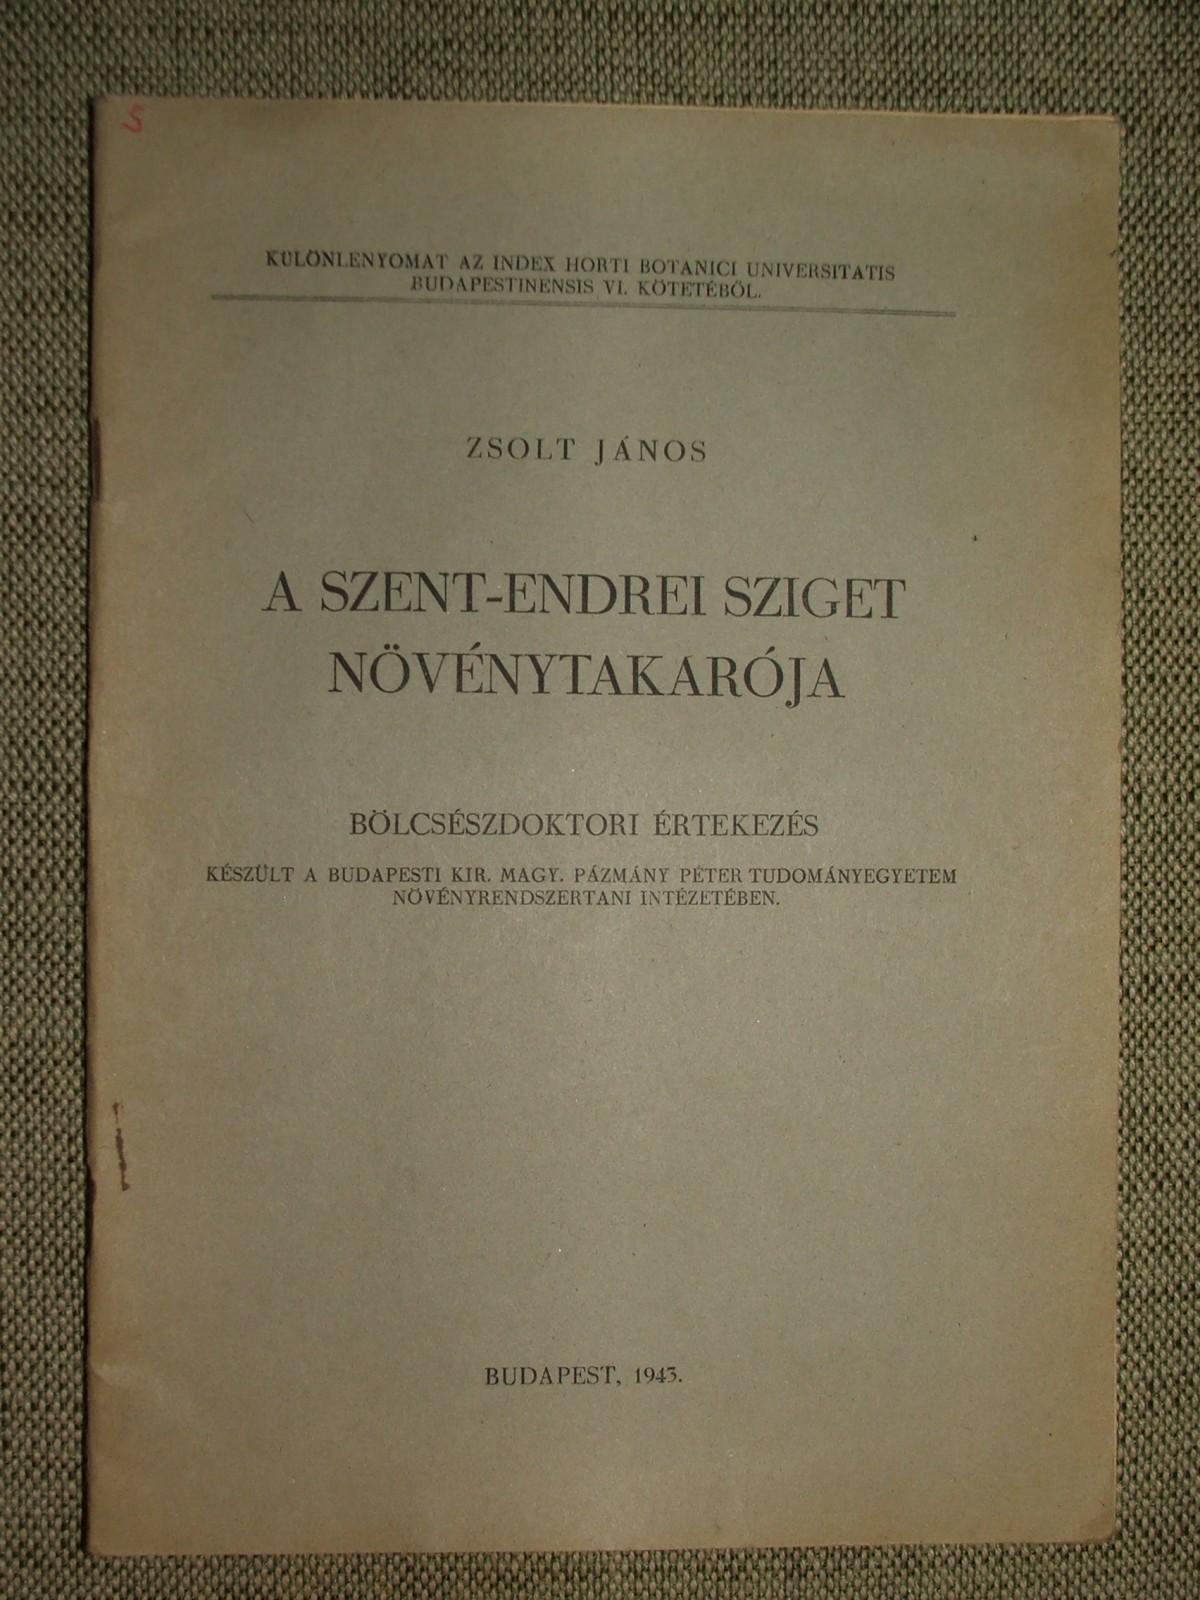 ZSOLT János: A Szent-Endrei sziget növénytakarója